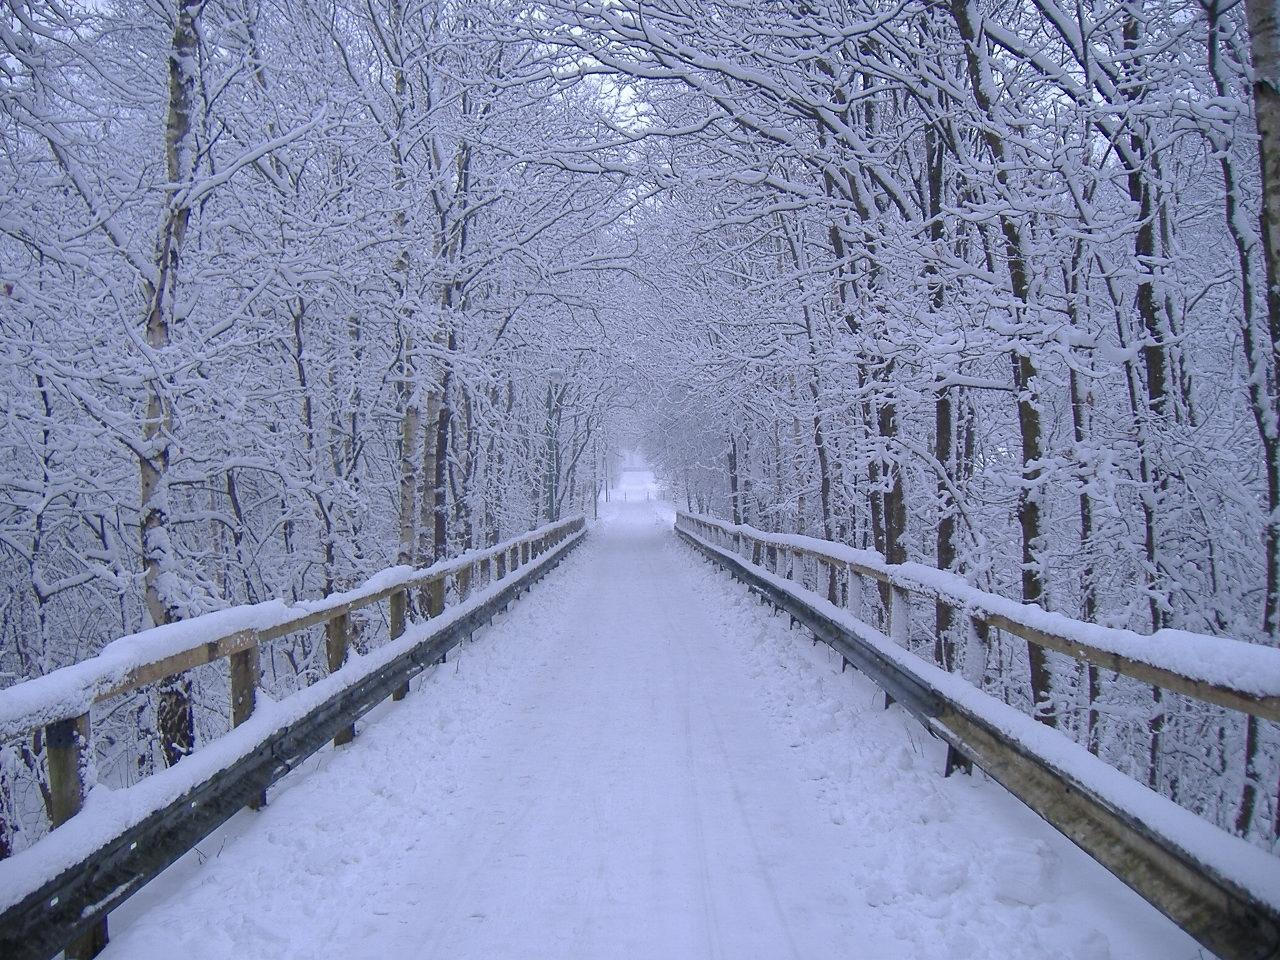 winter Scene wallpapers winder snowscape wallpaper snowy 1280x960